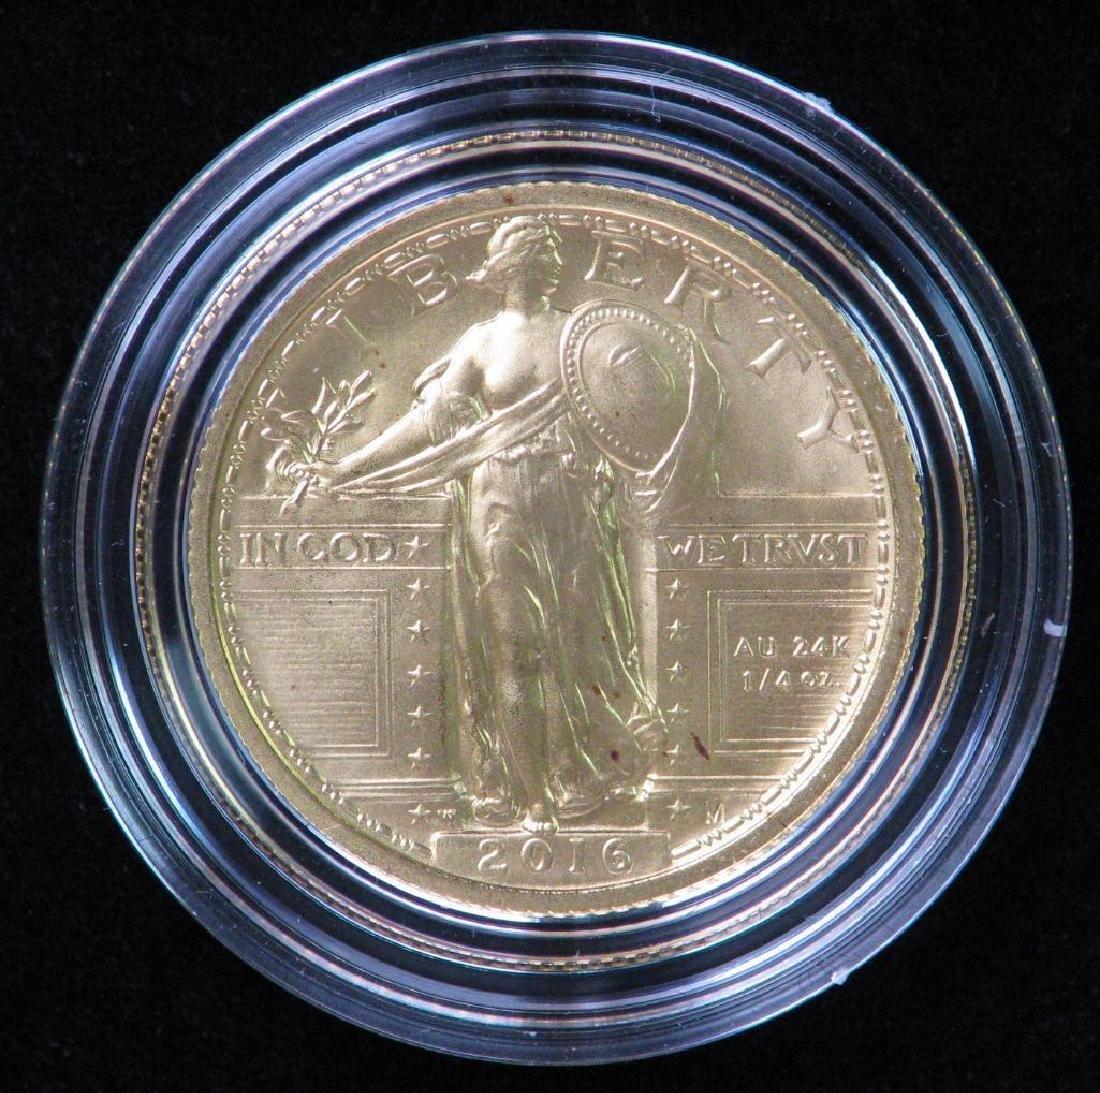 2016-W Standing Liberty Quarter Centennial Gold Coin